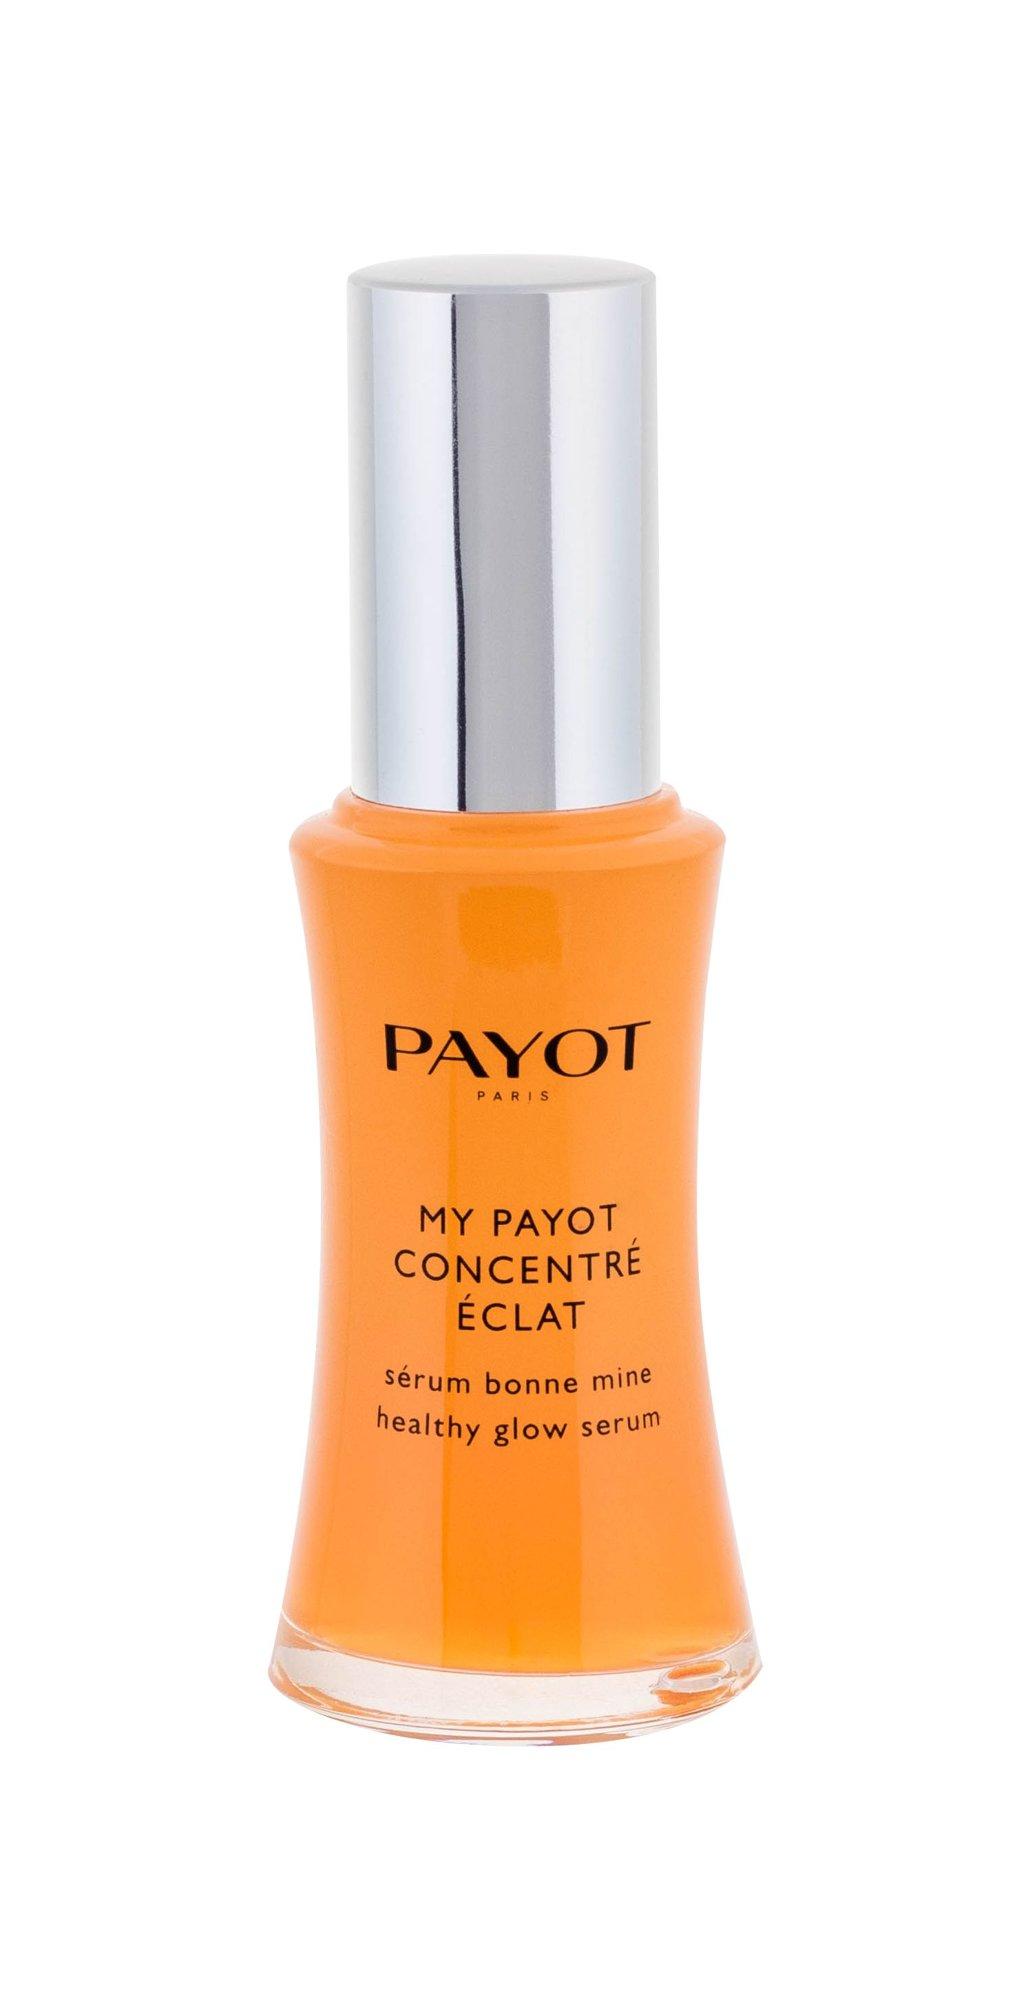 PAYOT My Payot Skin Serum 30ml